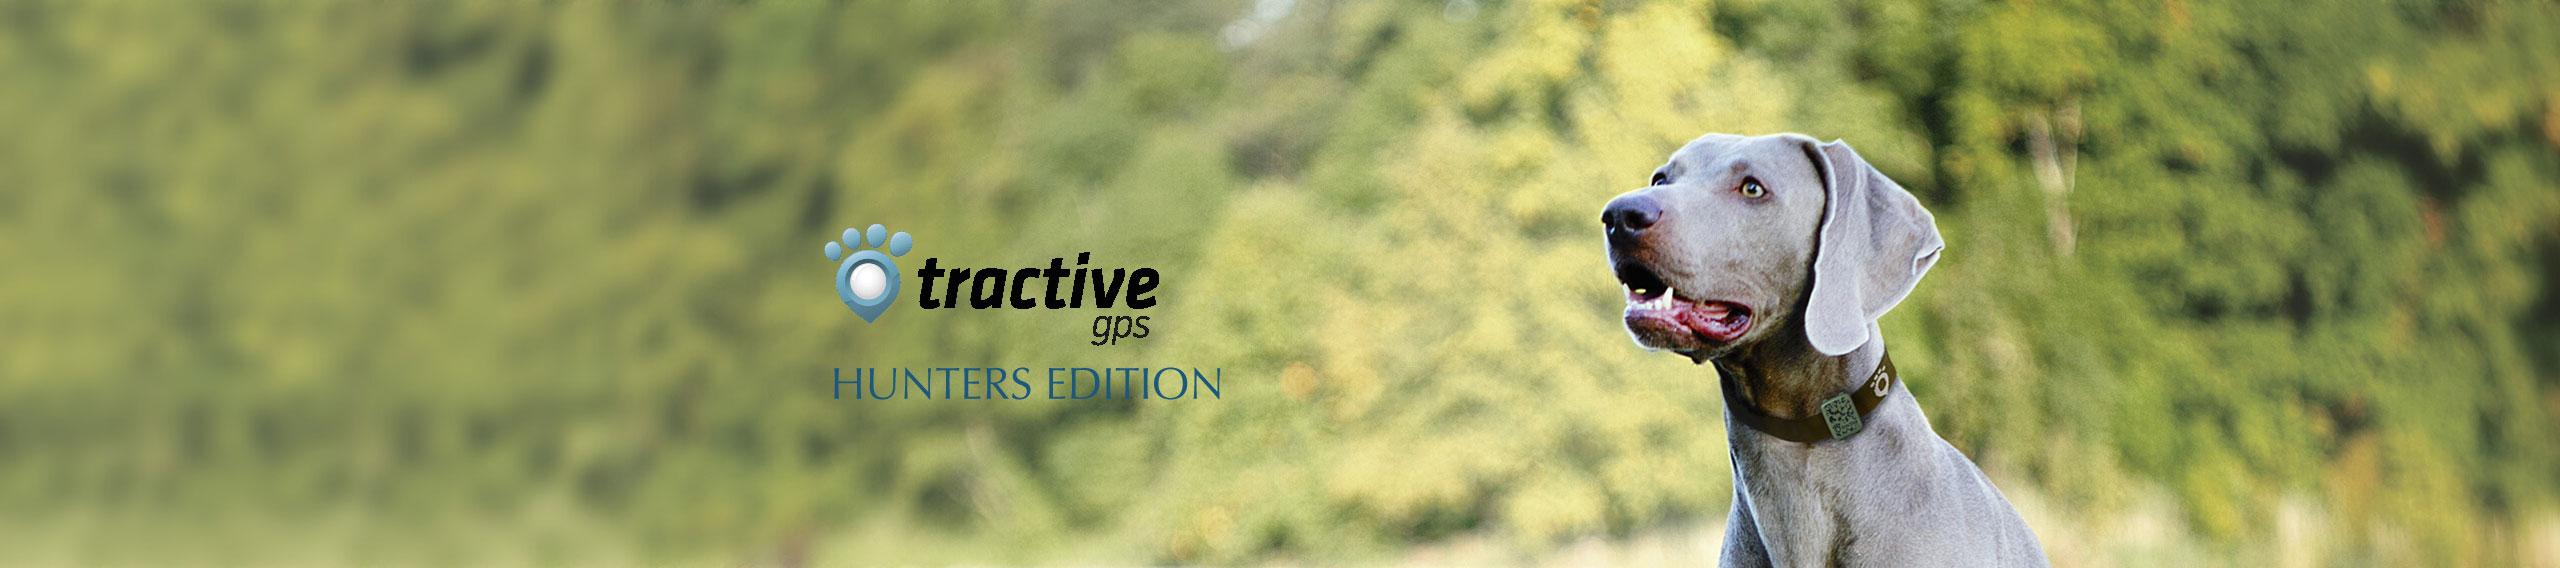 Tractive Online Shop GPS und Activity Monitor, Bild 2